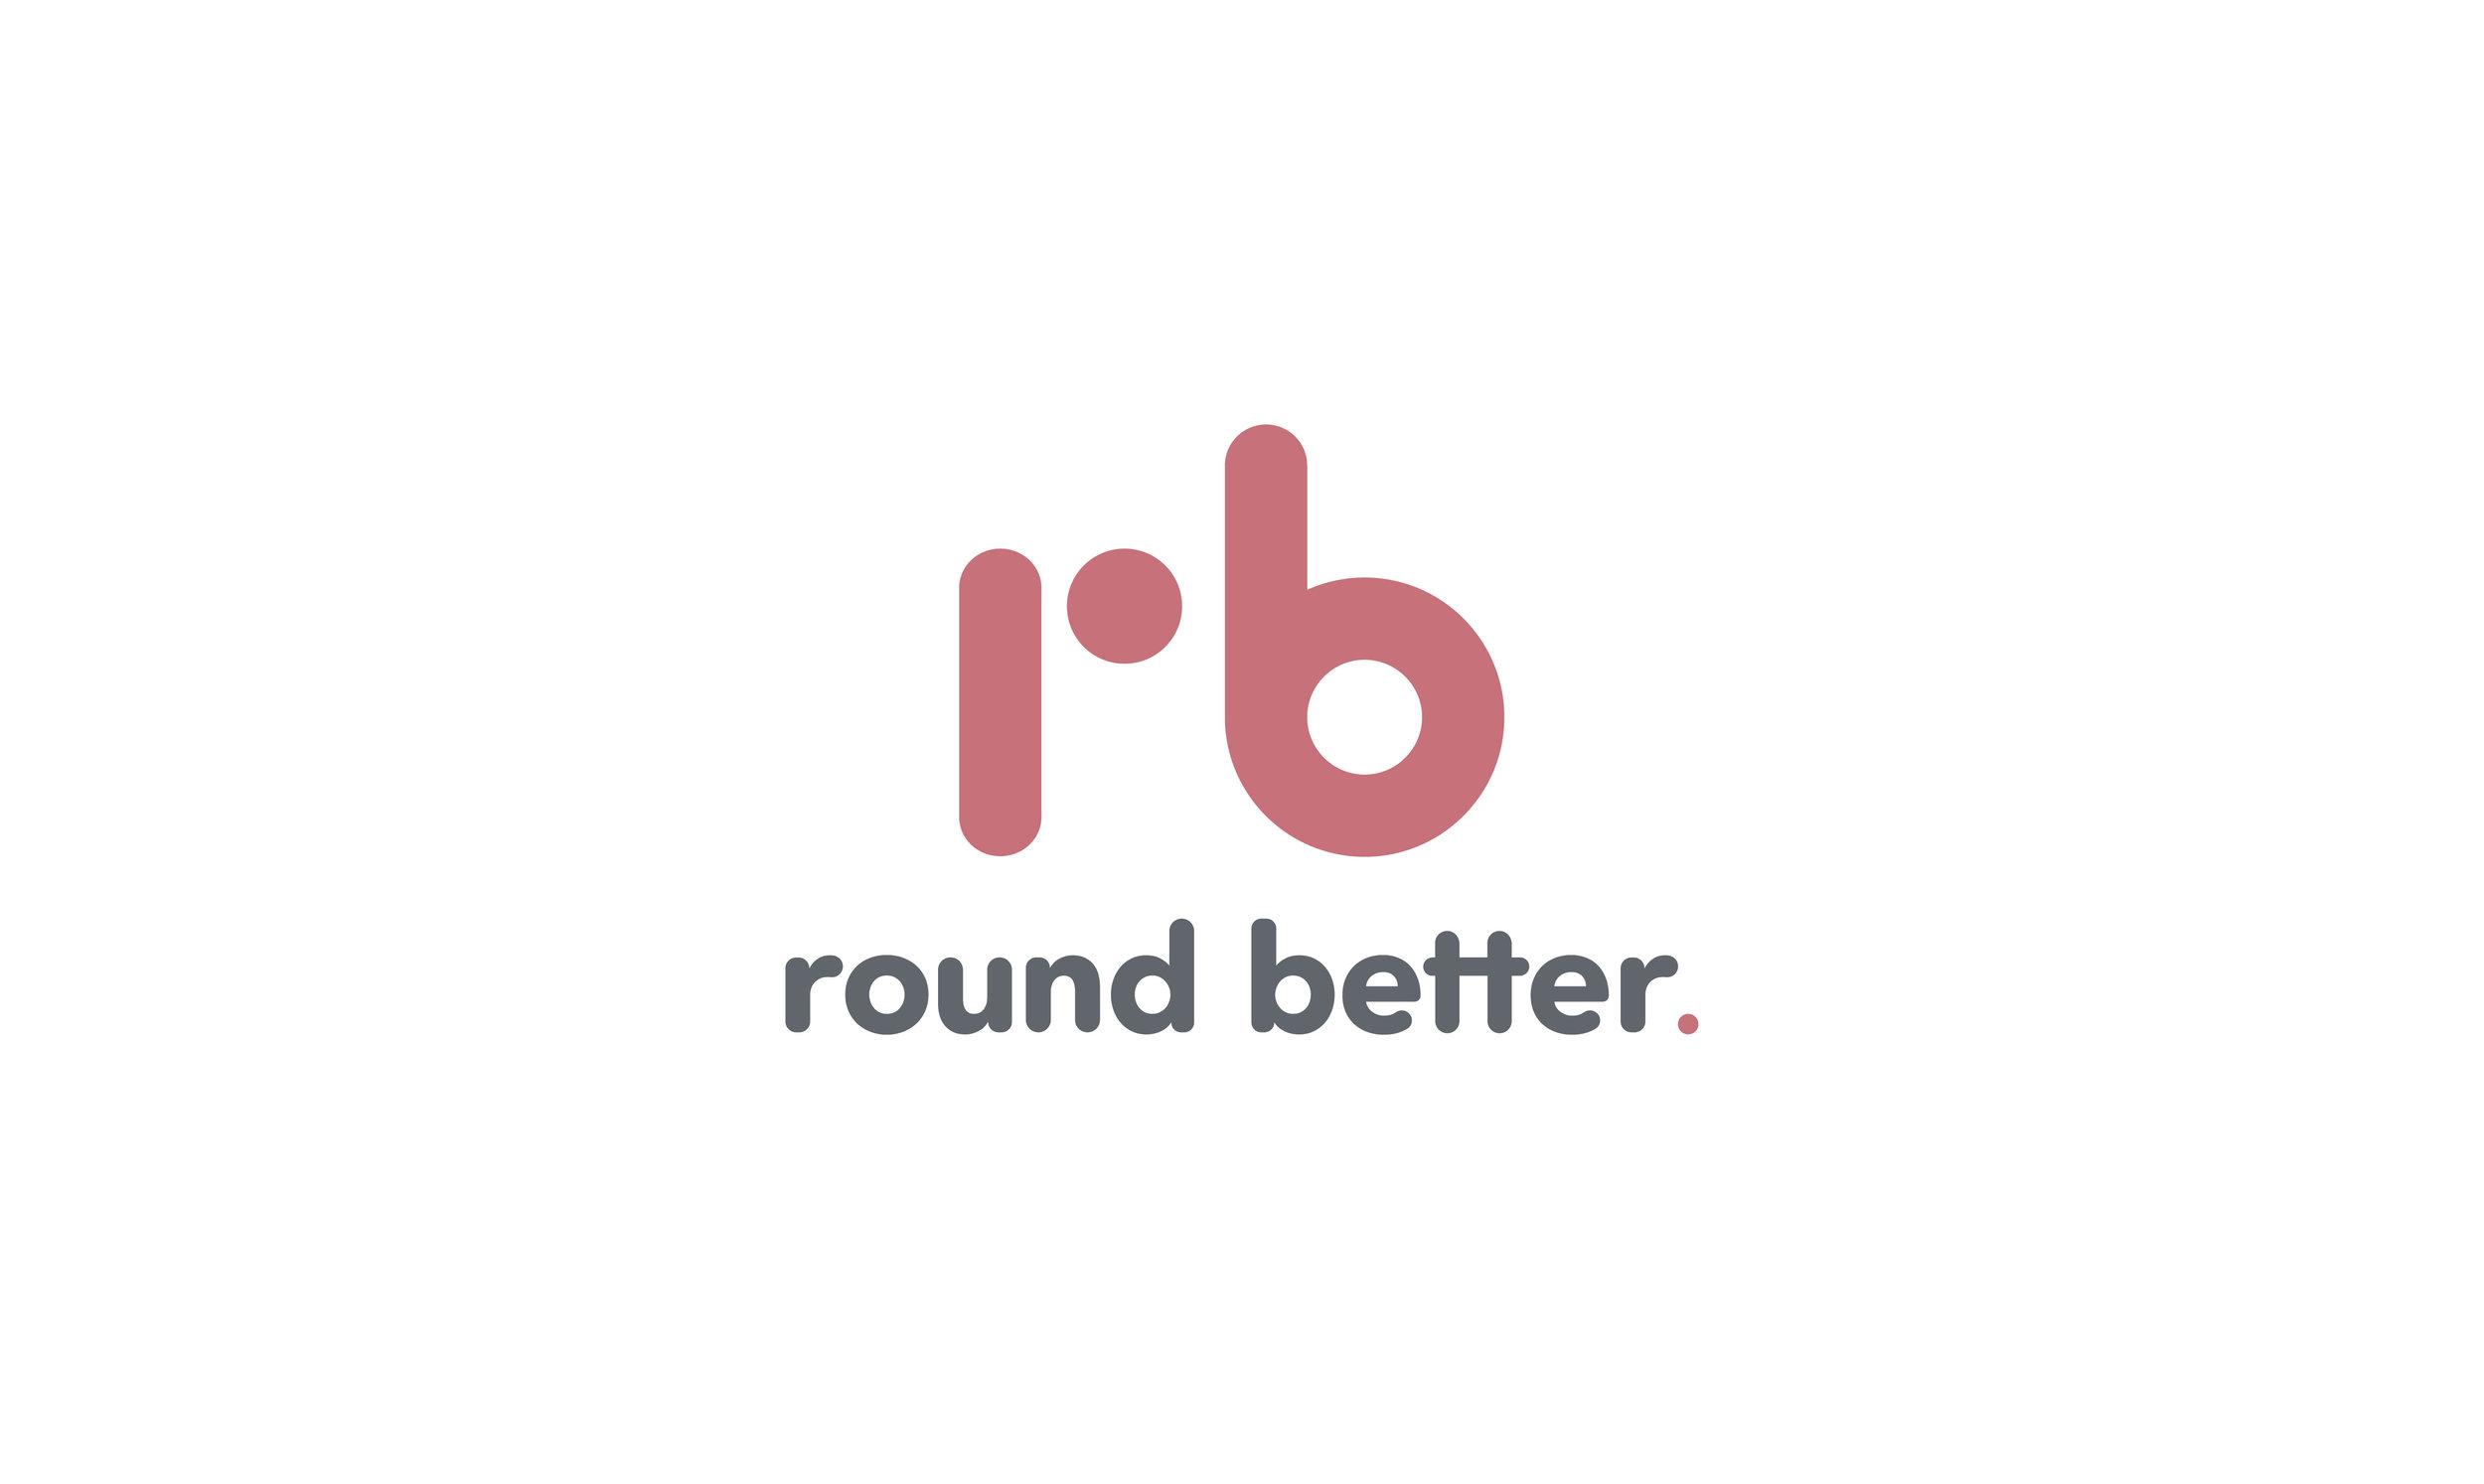 round-better